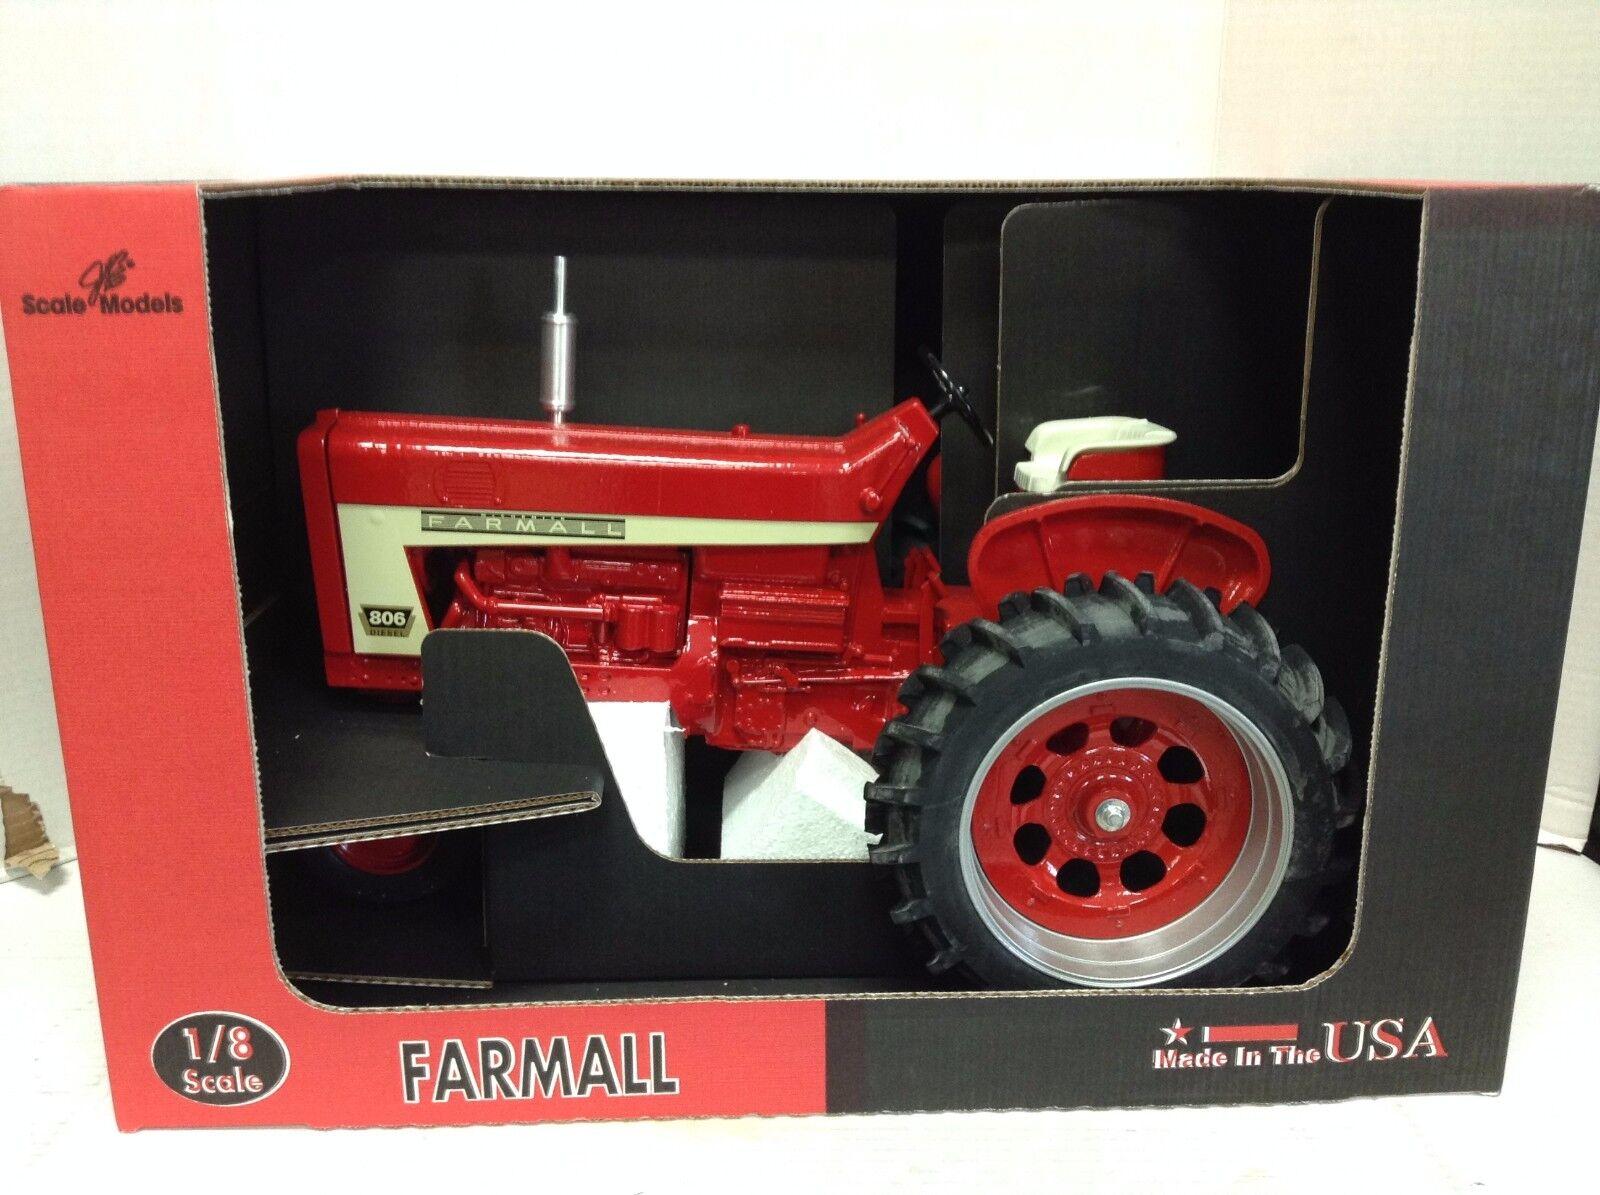 CASE IH 1 8 Scale Models Farmall 806 jouet tracteur DIE CAST FG-ZSM869